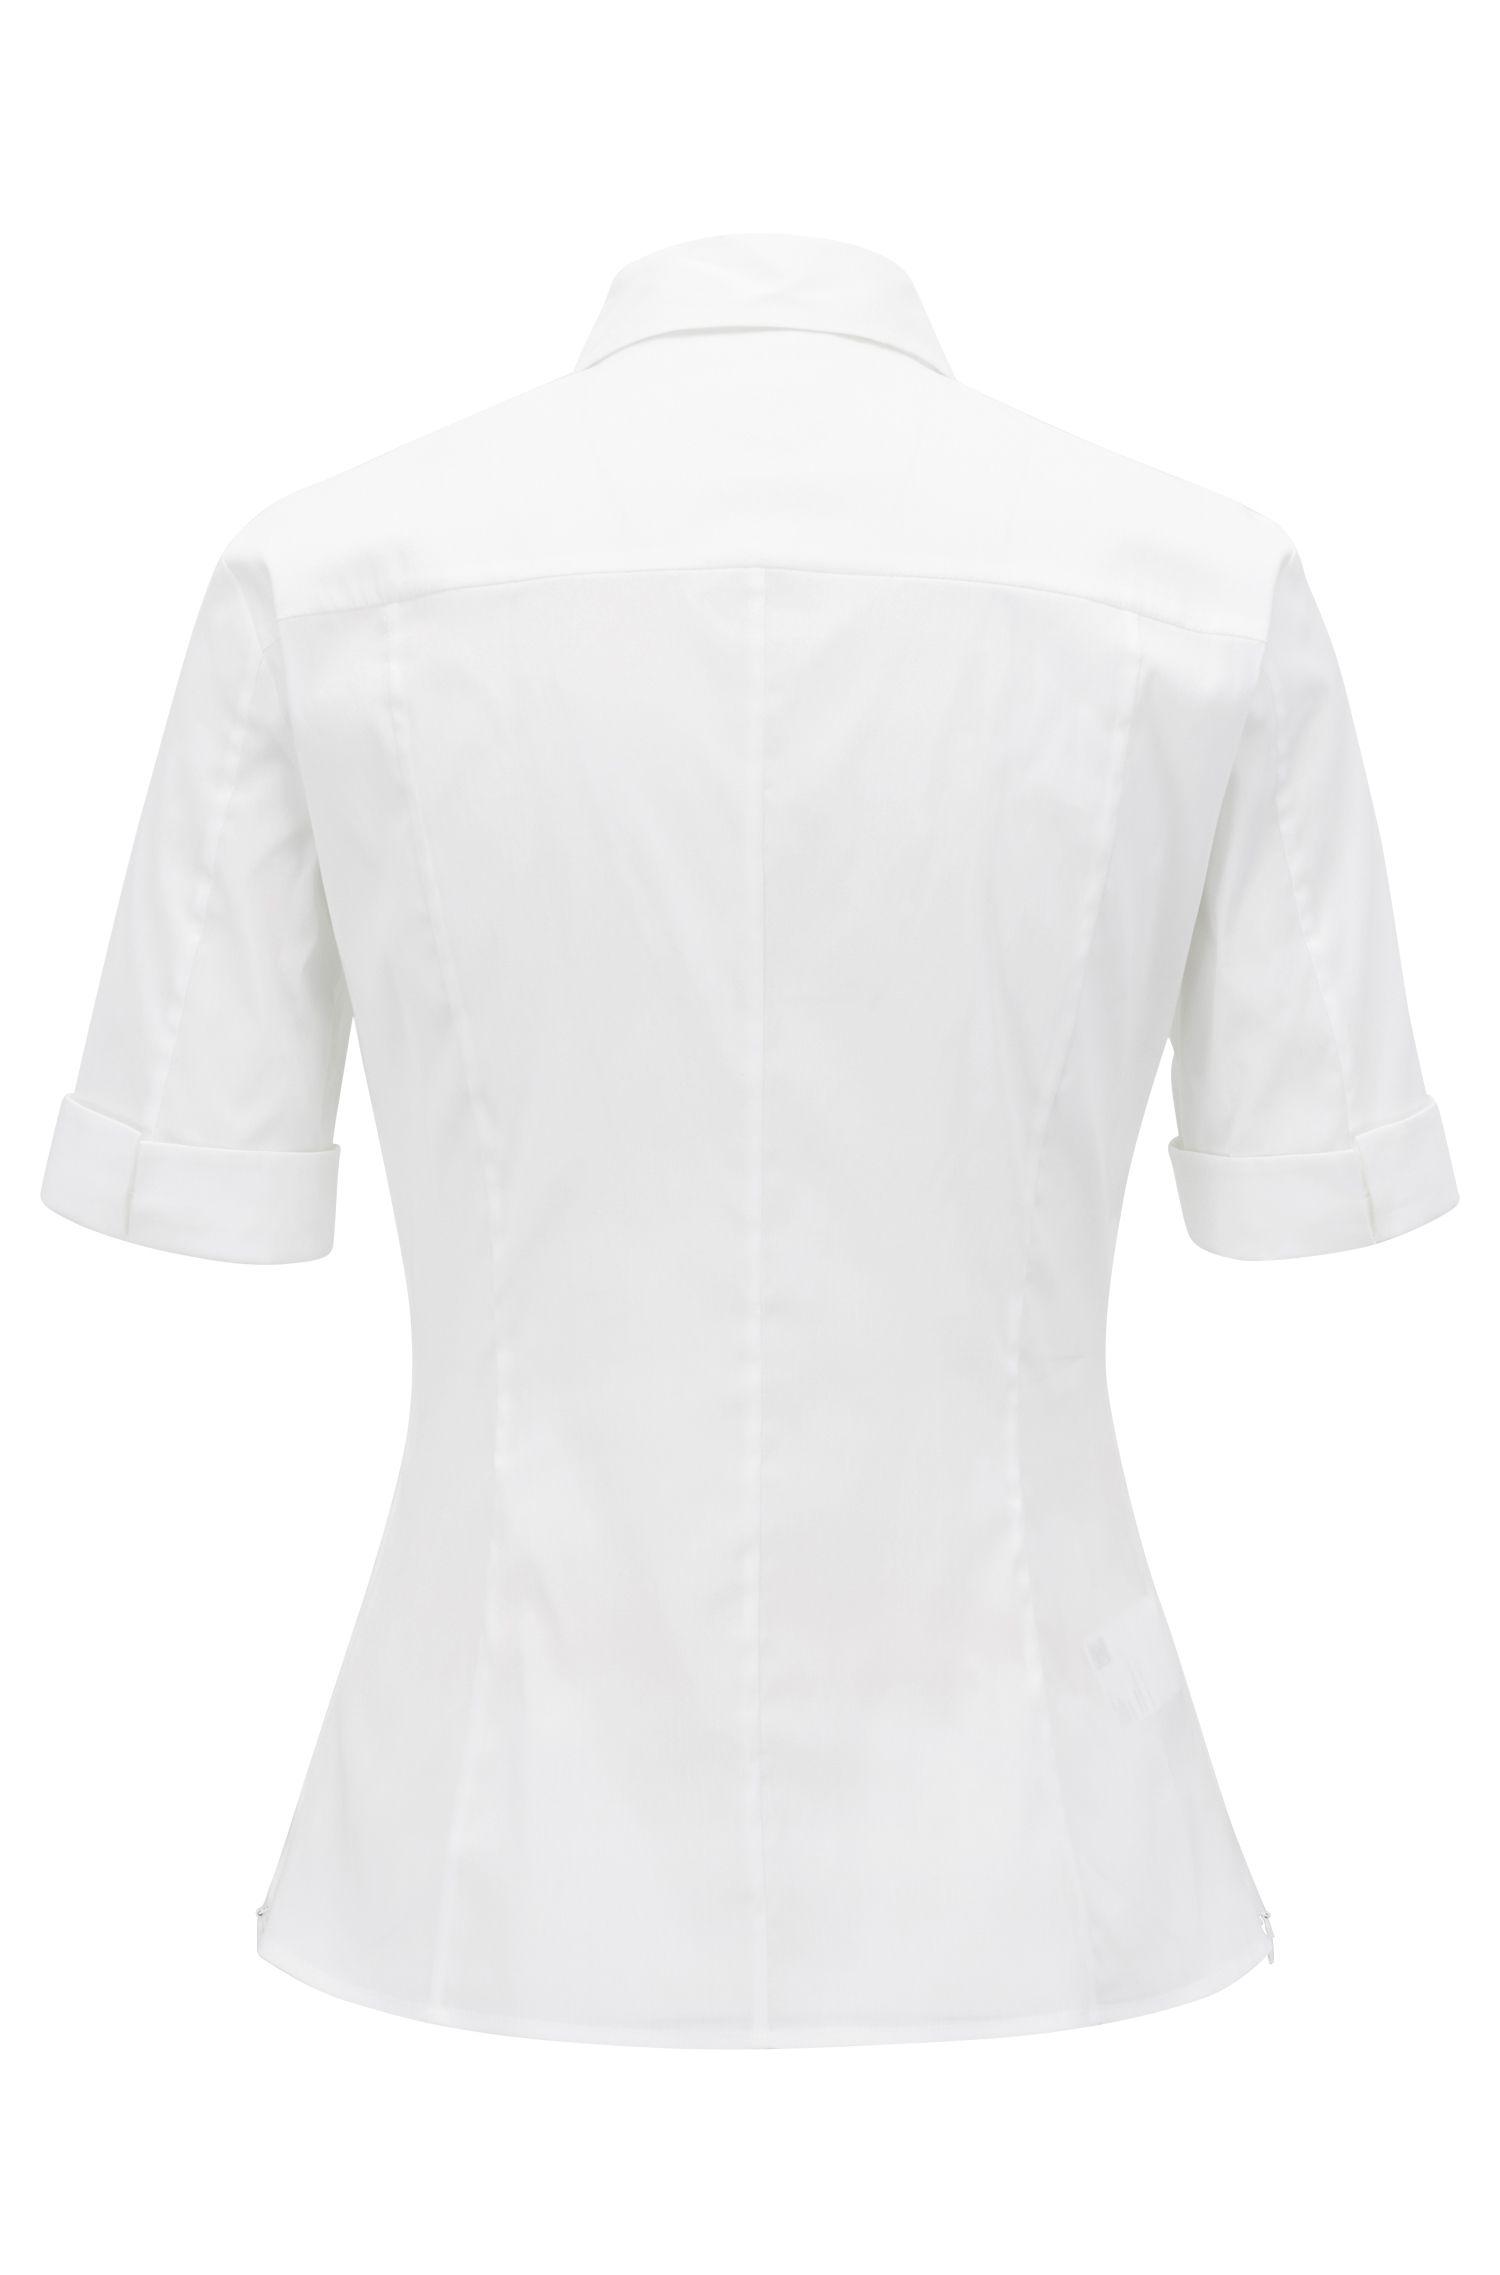 Slim-Fit Bluse aus Baumwoll-Mix mit angedeuteter Knopfleiste , Weiß